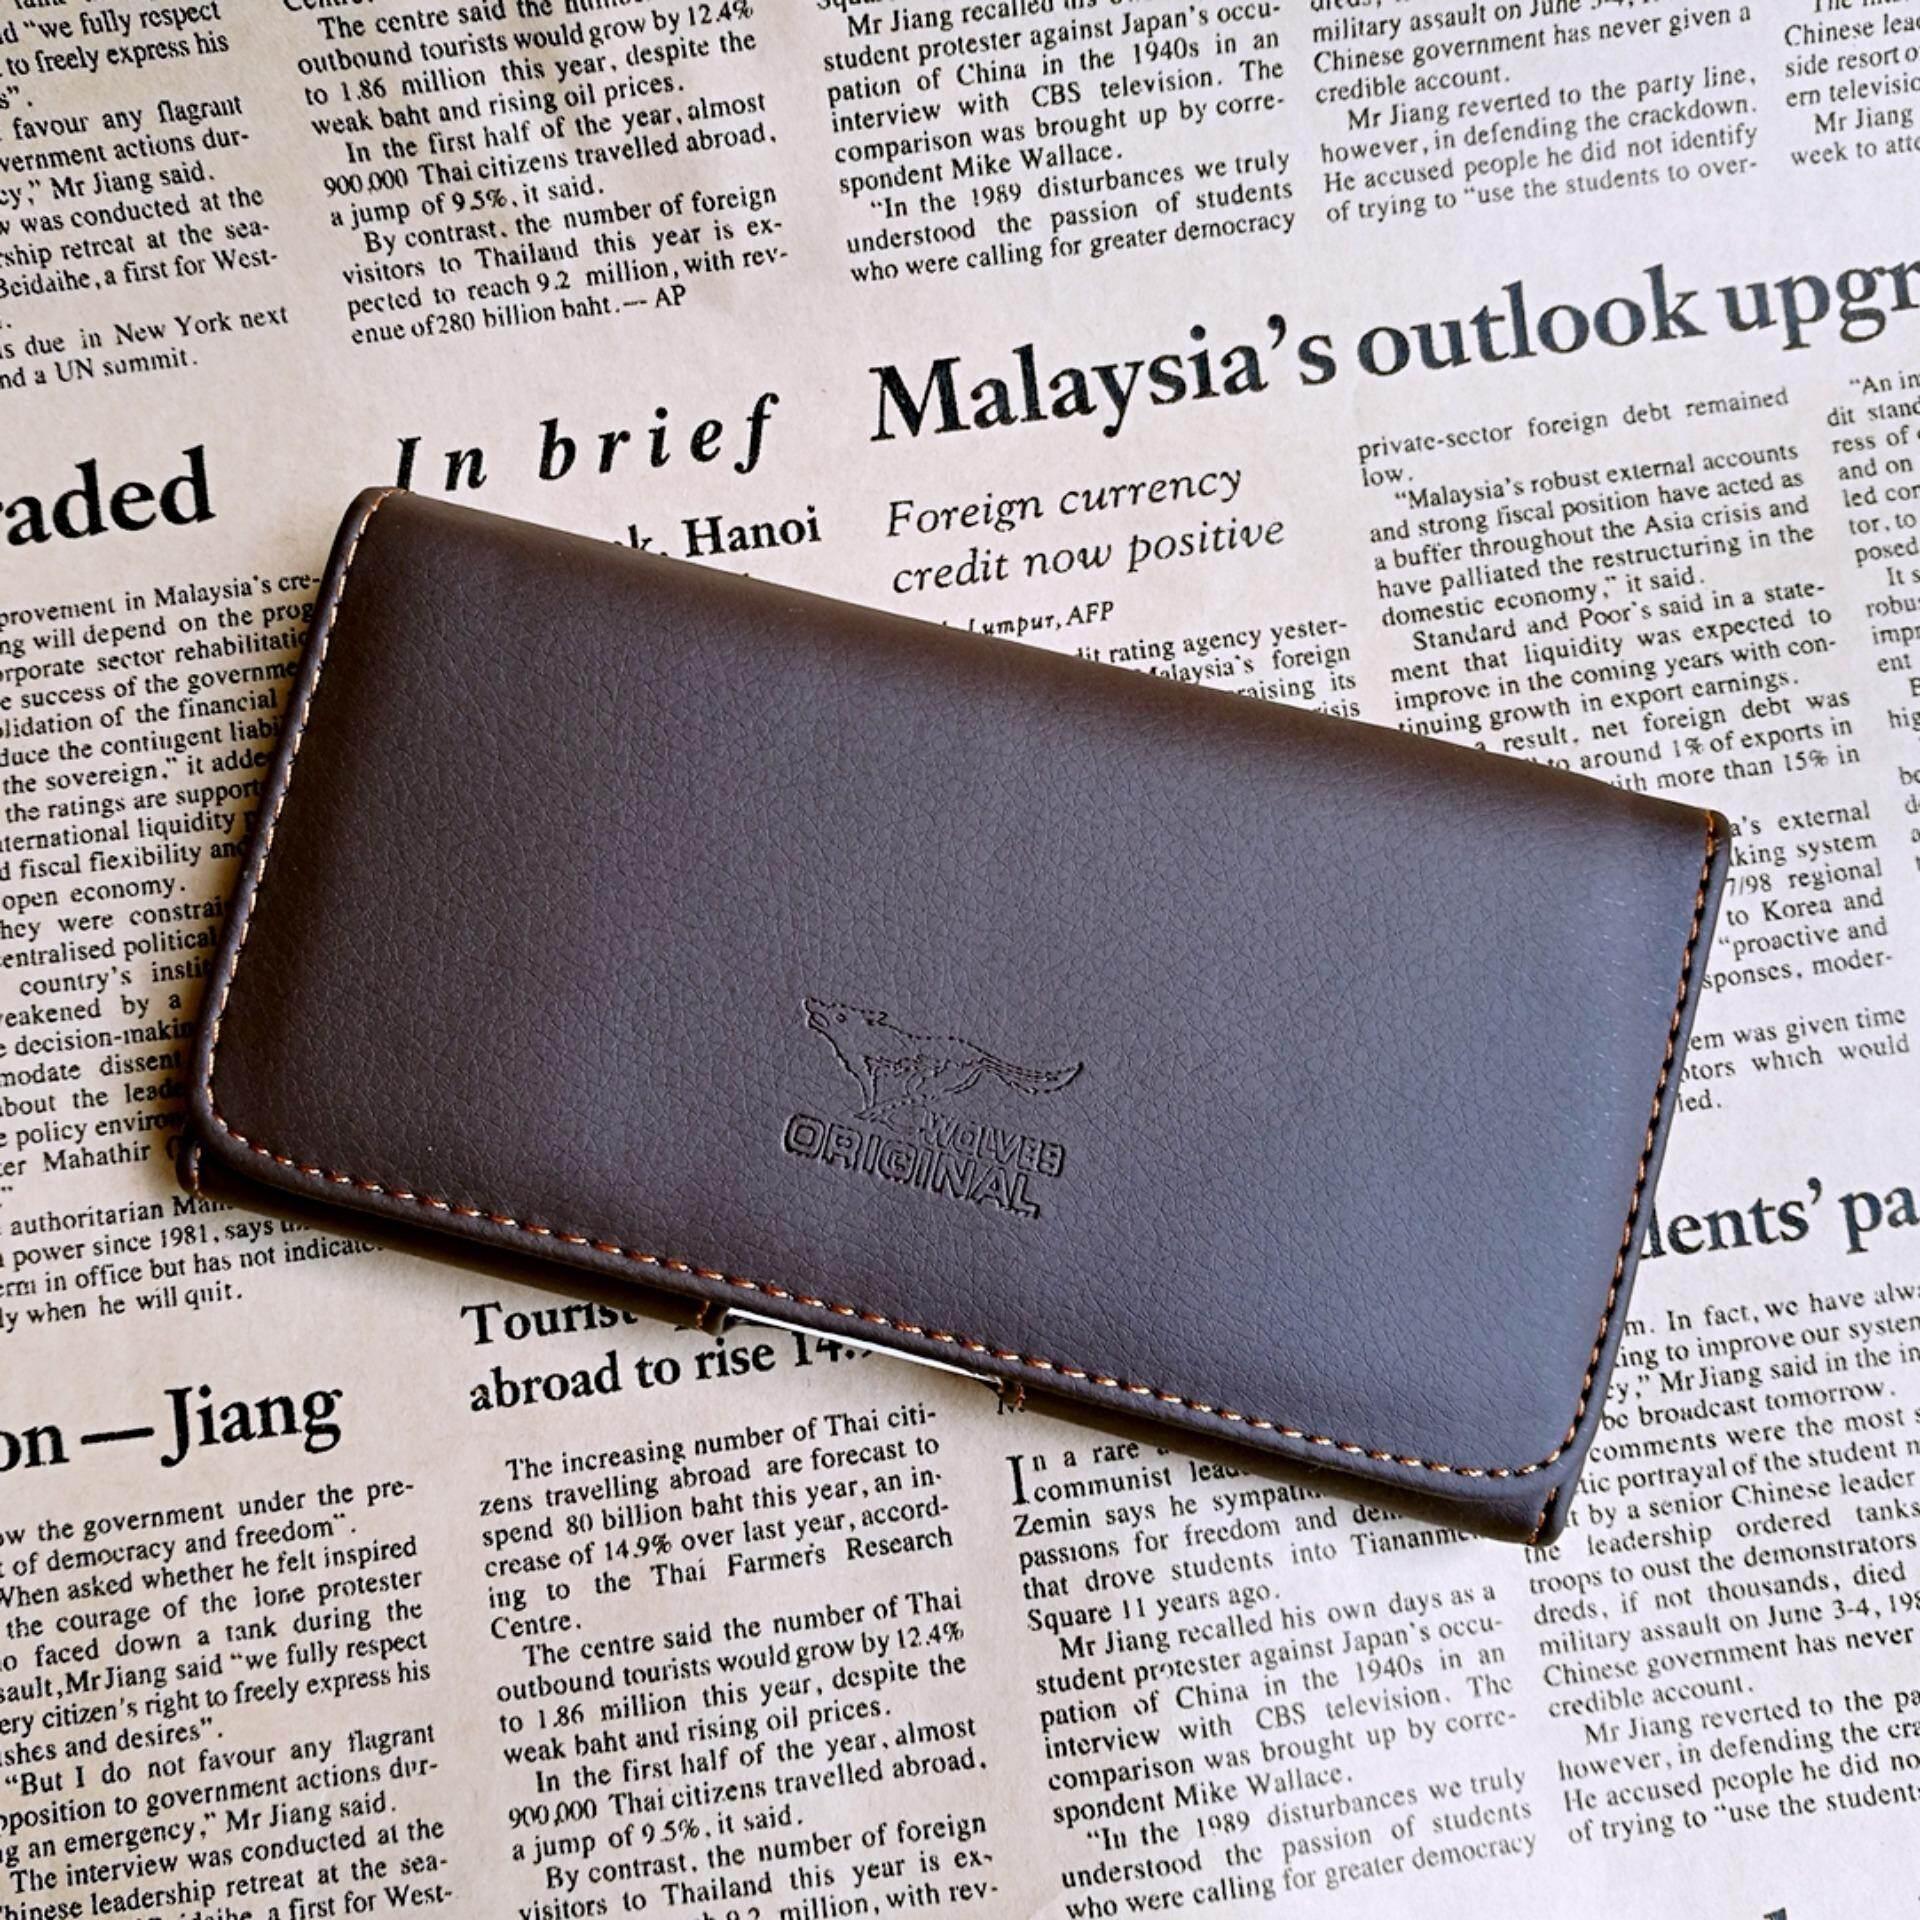 ราคา Leather Inc ซองใส่มือถือคาดเข็มขัดชั้นเดียว หนัง รุ่น Mb002 4 สีน้ำตาลเข้ม ใน กรุงเทพมหานคร